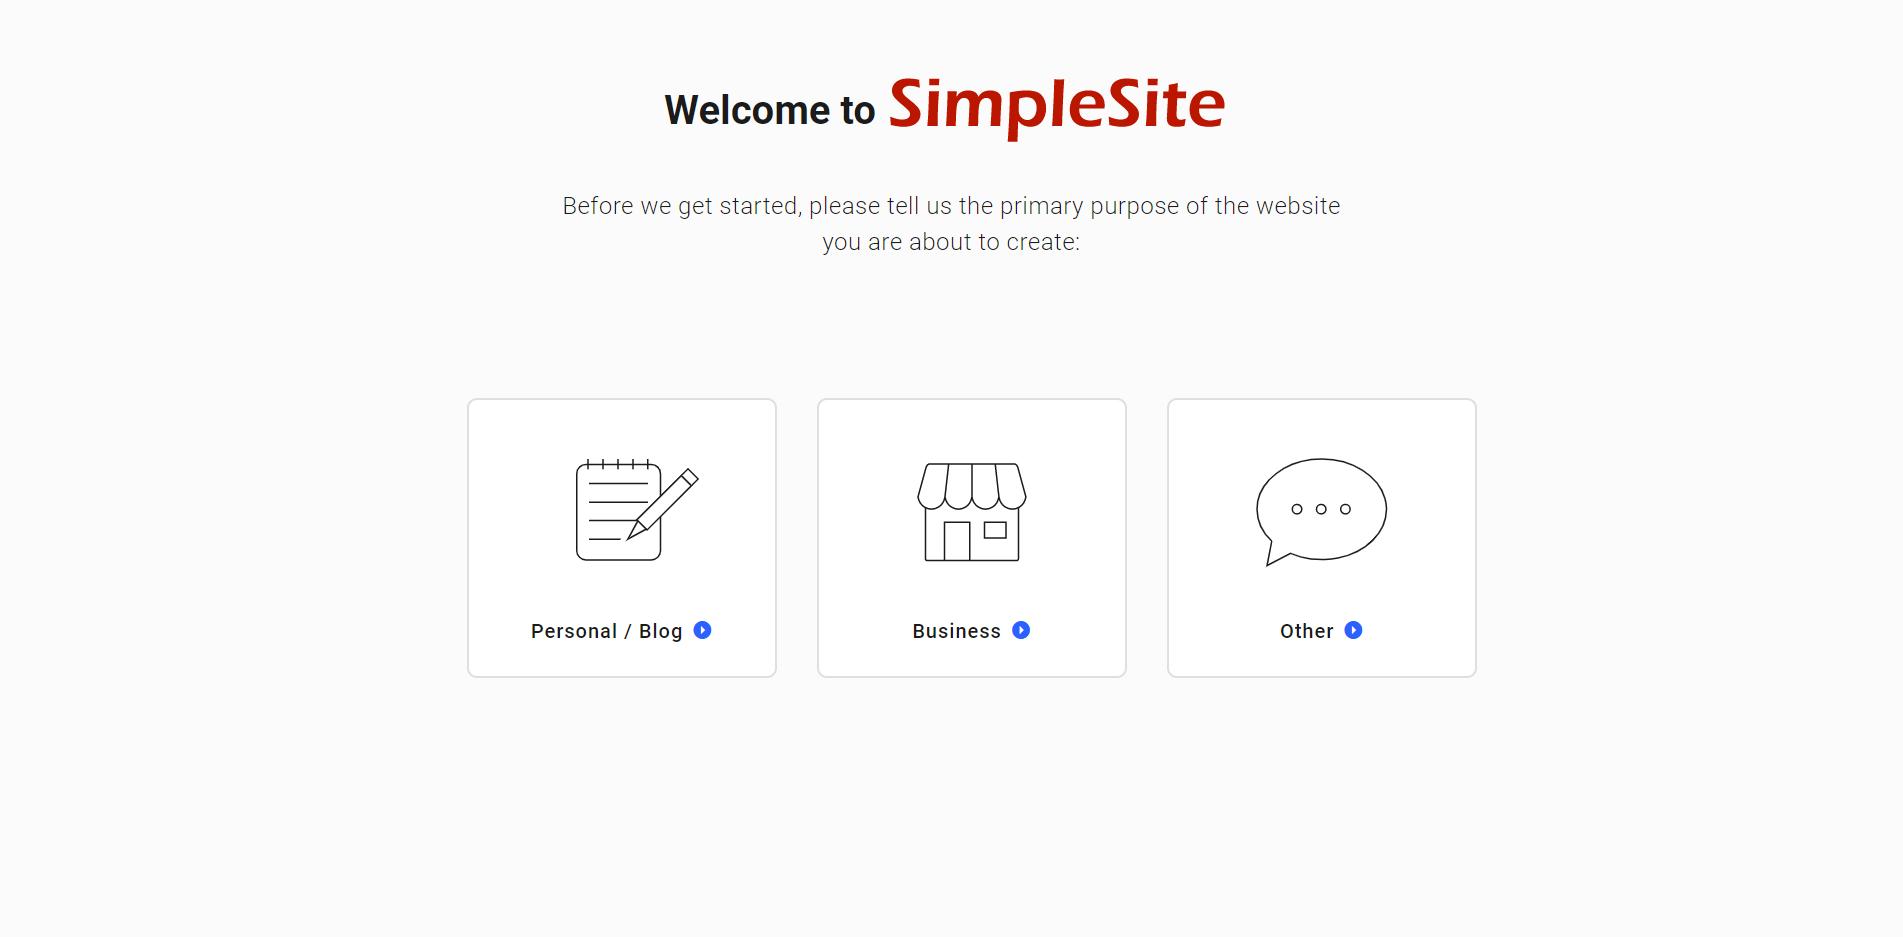 simplesite website